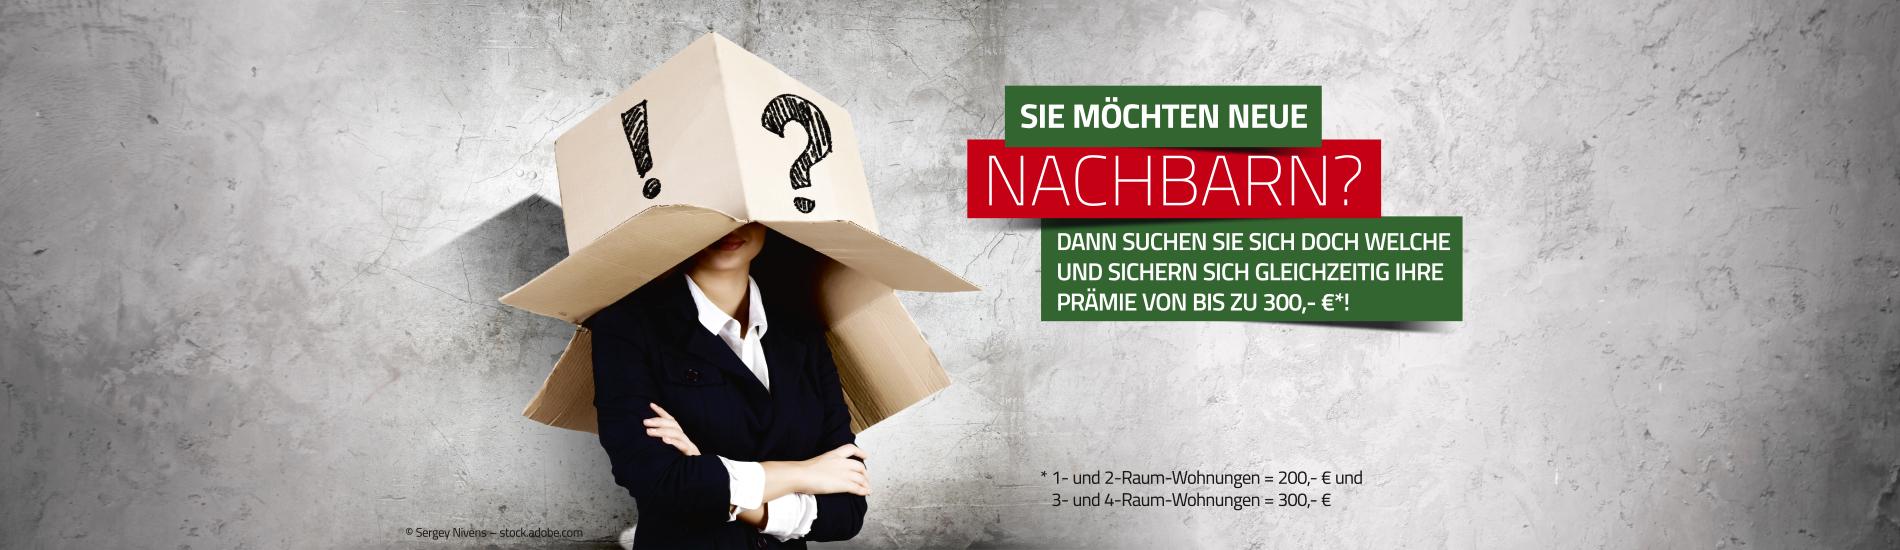 slider_nachbar_2019-04